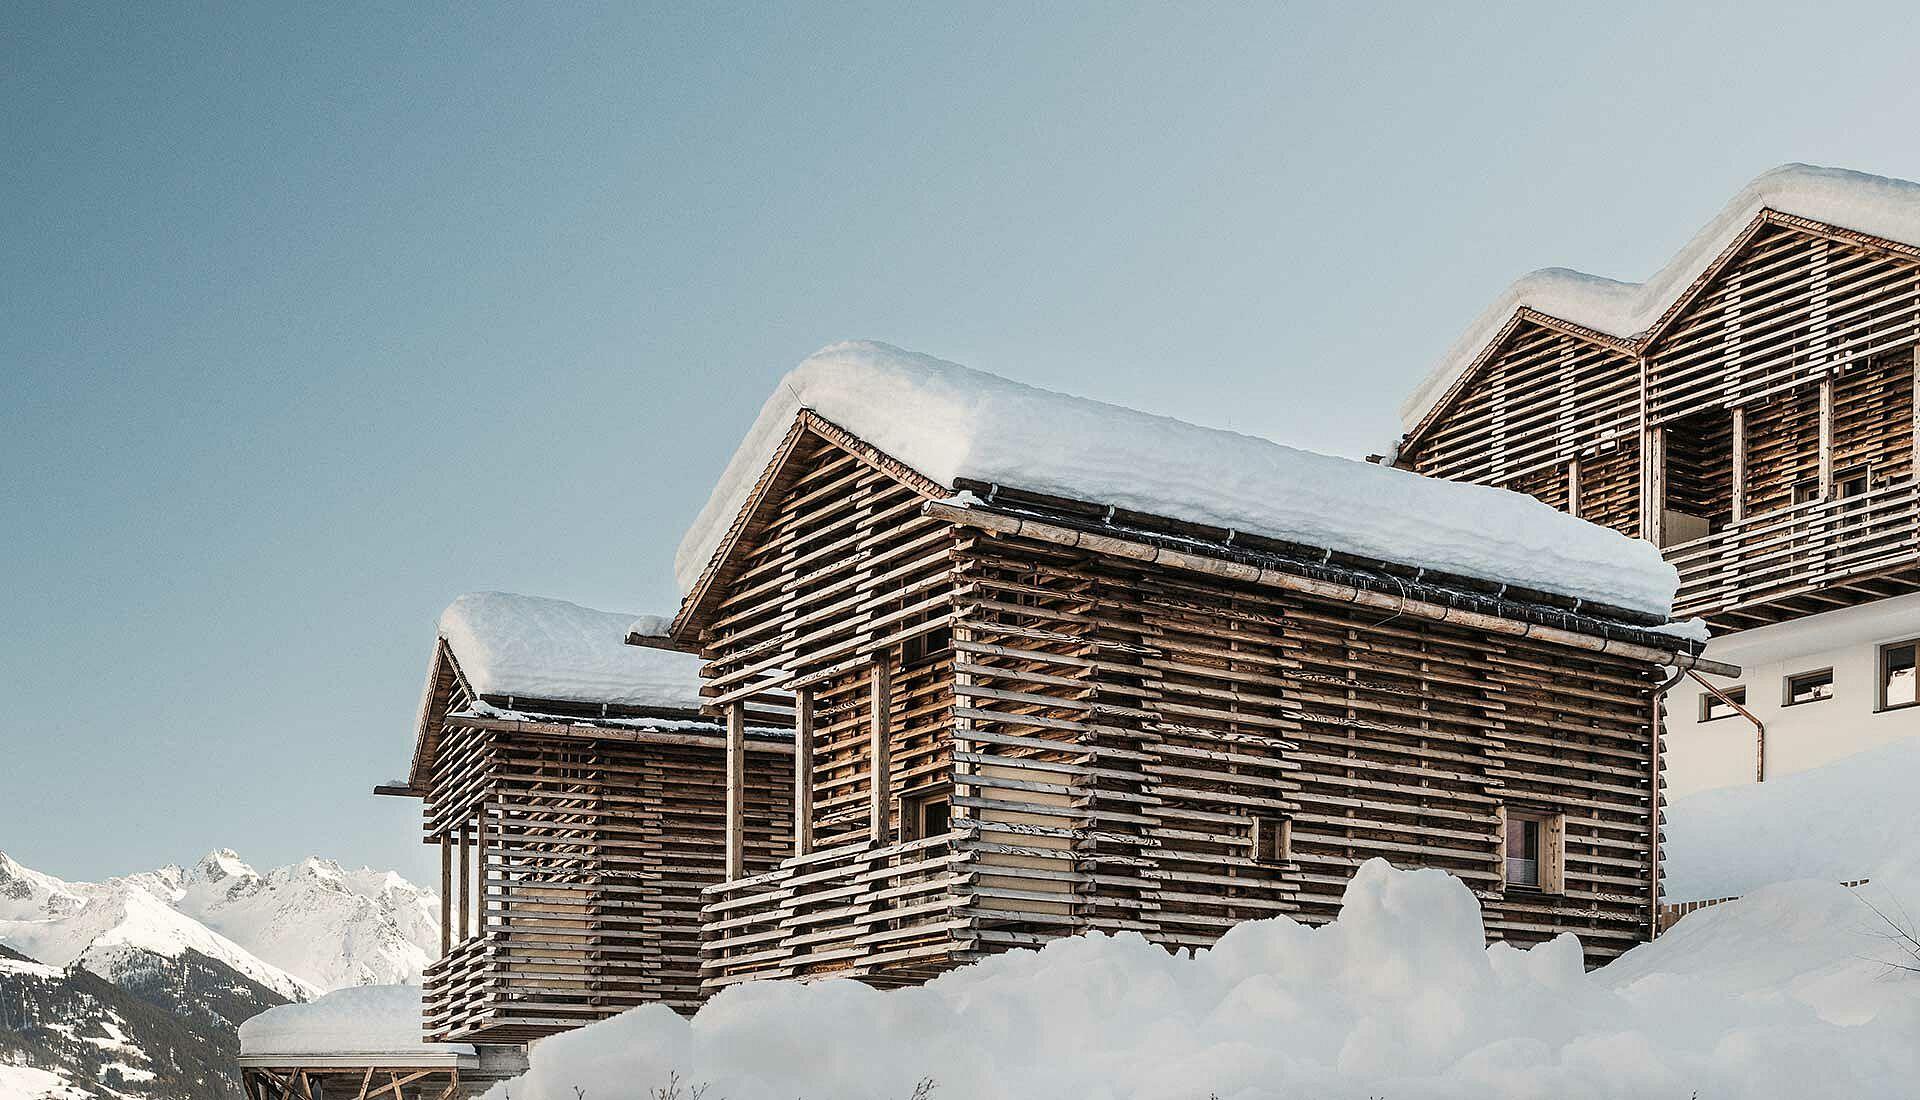 Holzbauweise Chaletdörfer bauen